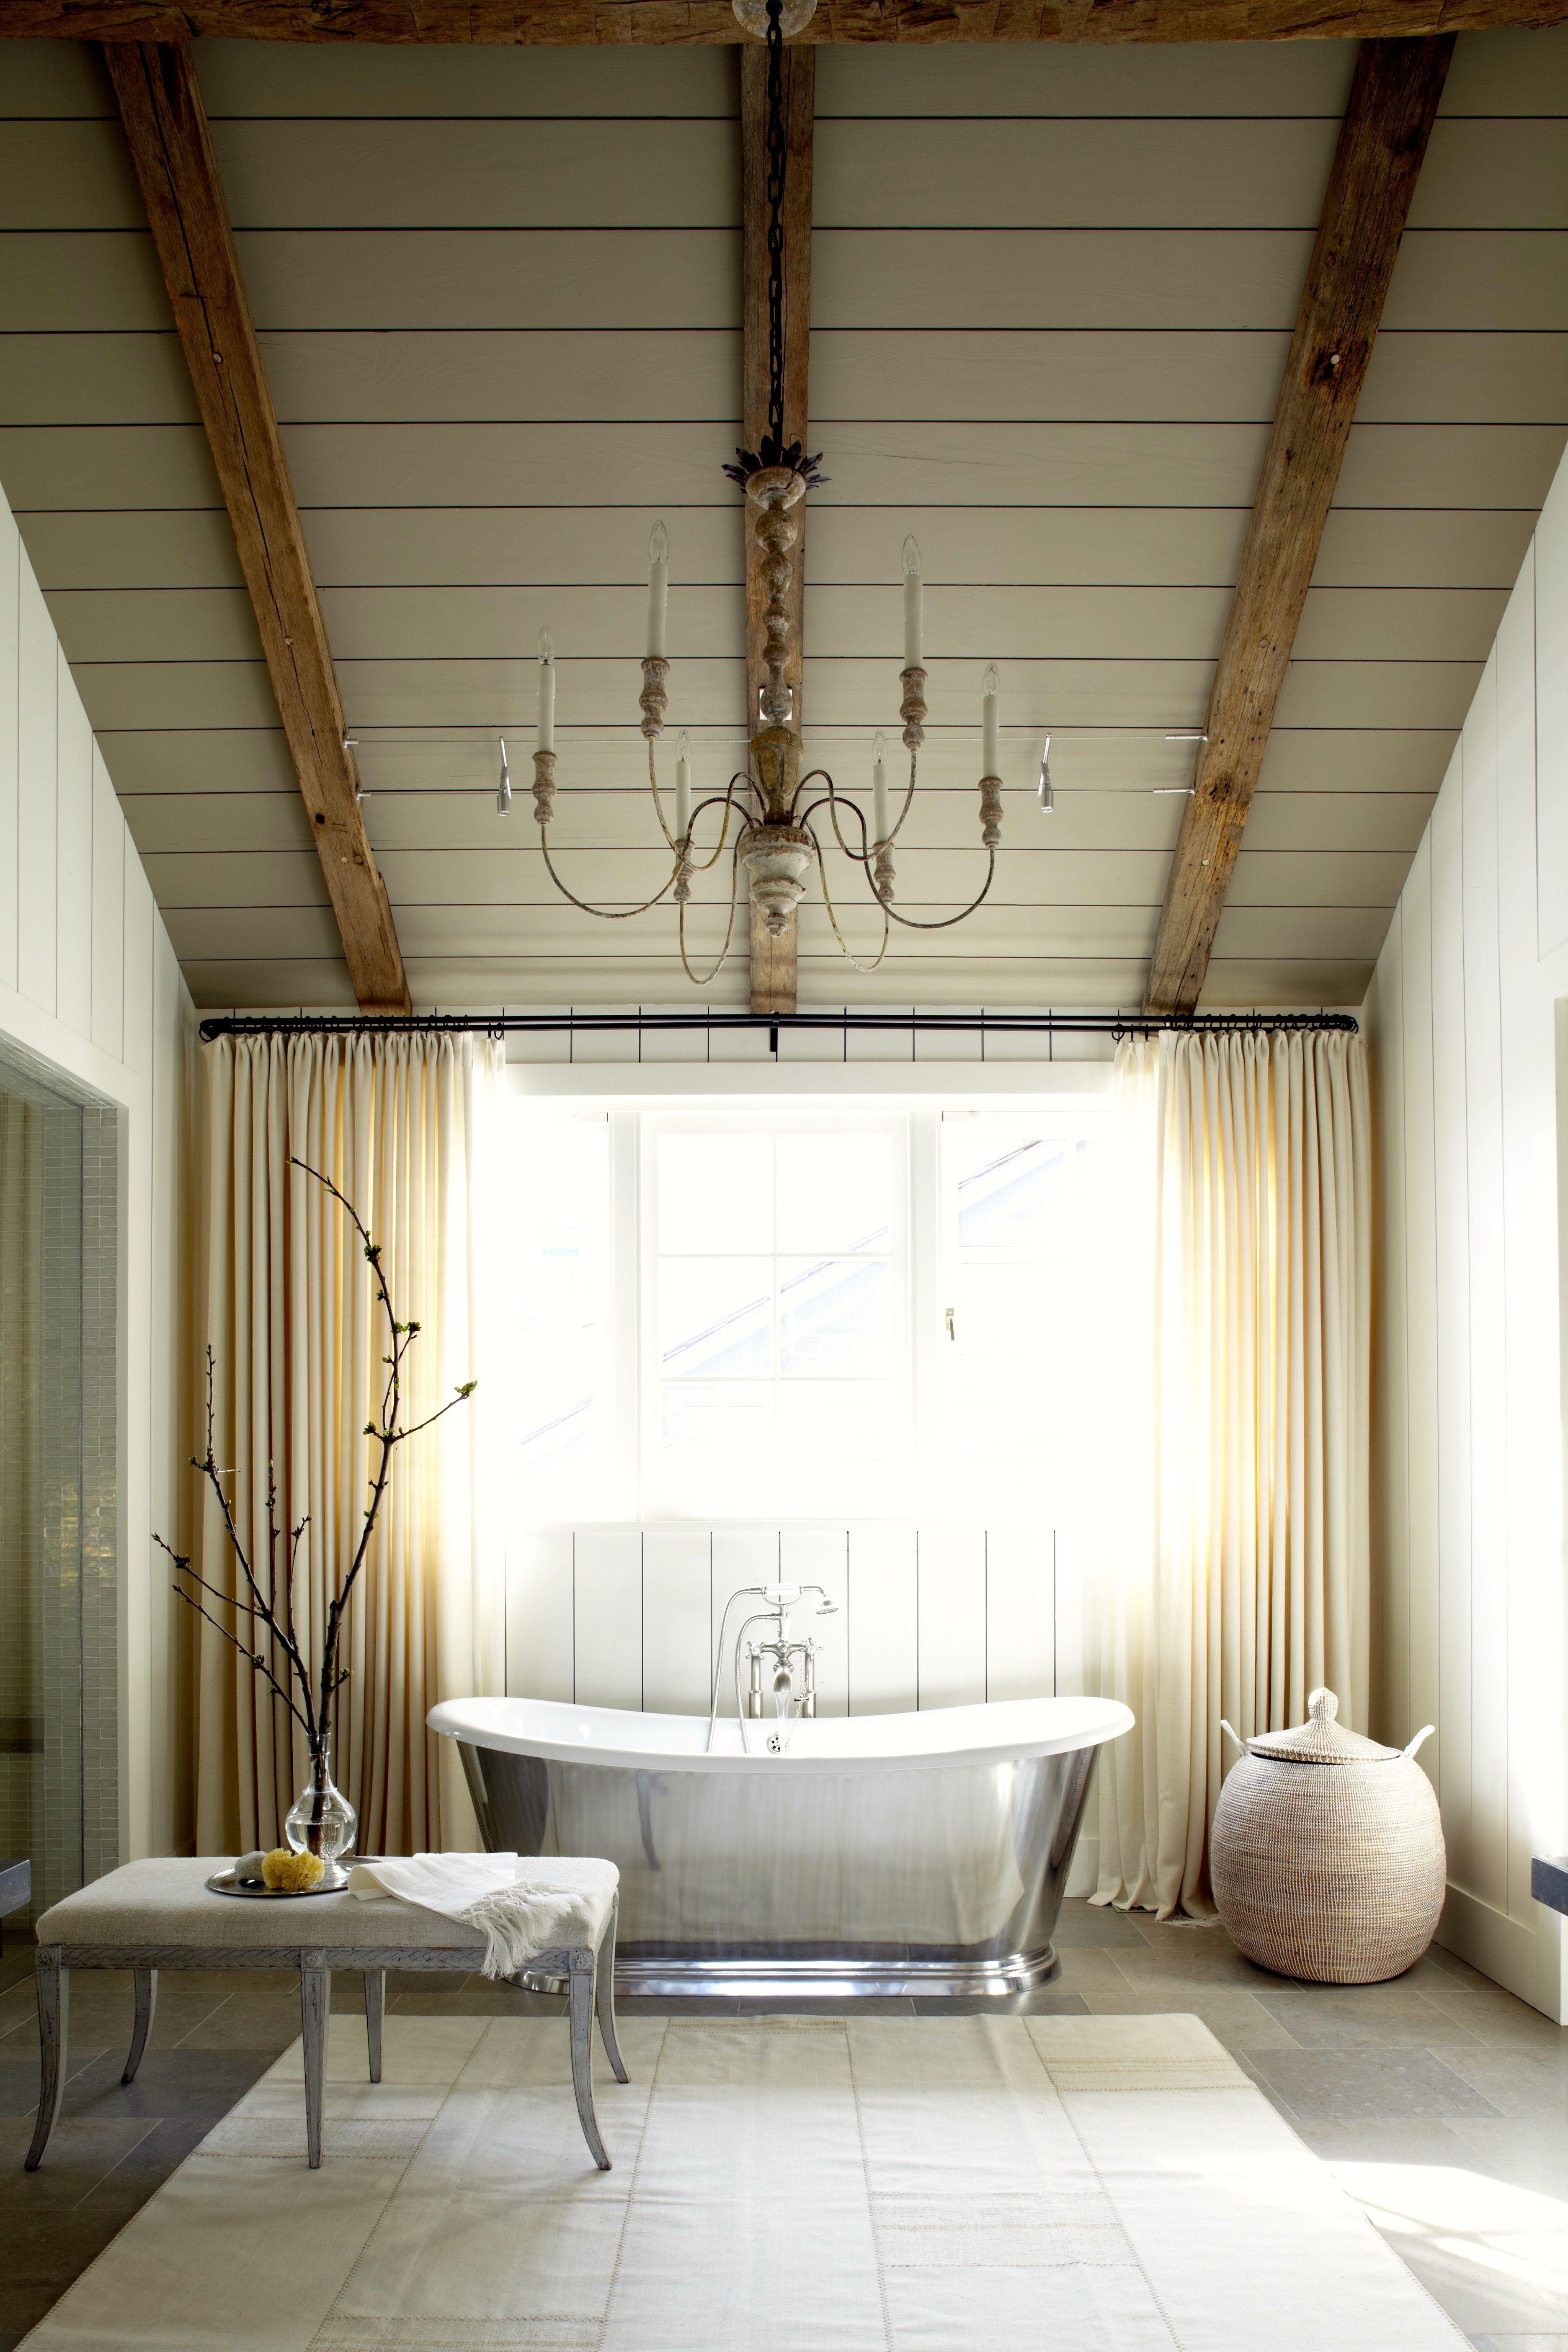 30 Rooms with Elegant Beamed Ceilings | Ceilings, Room and Beams